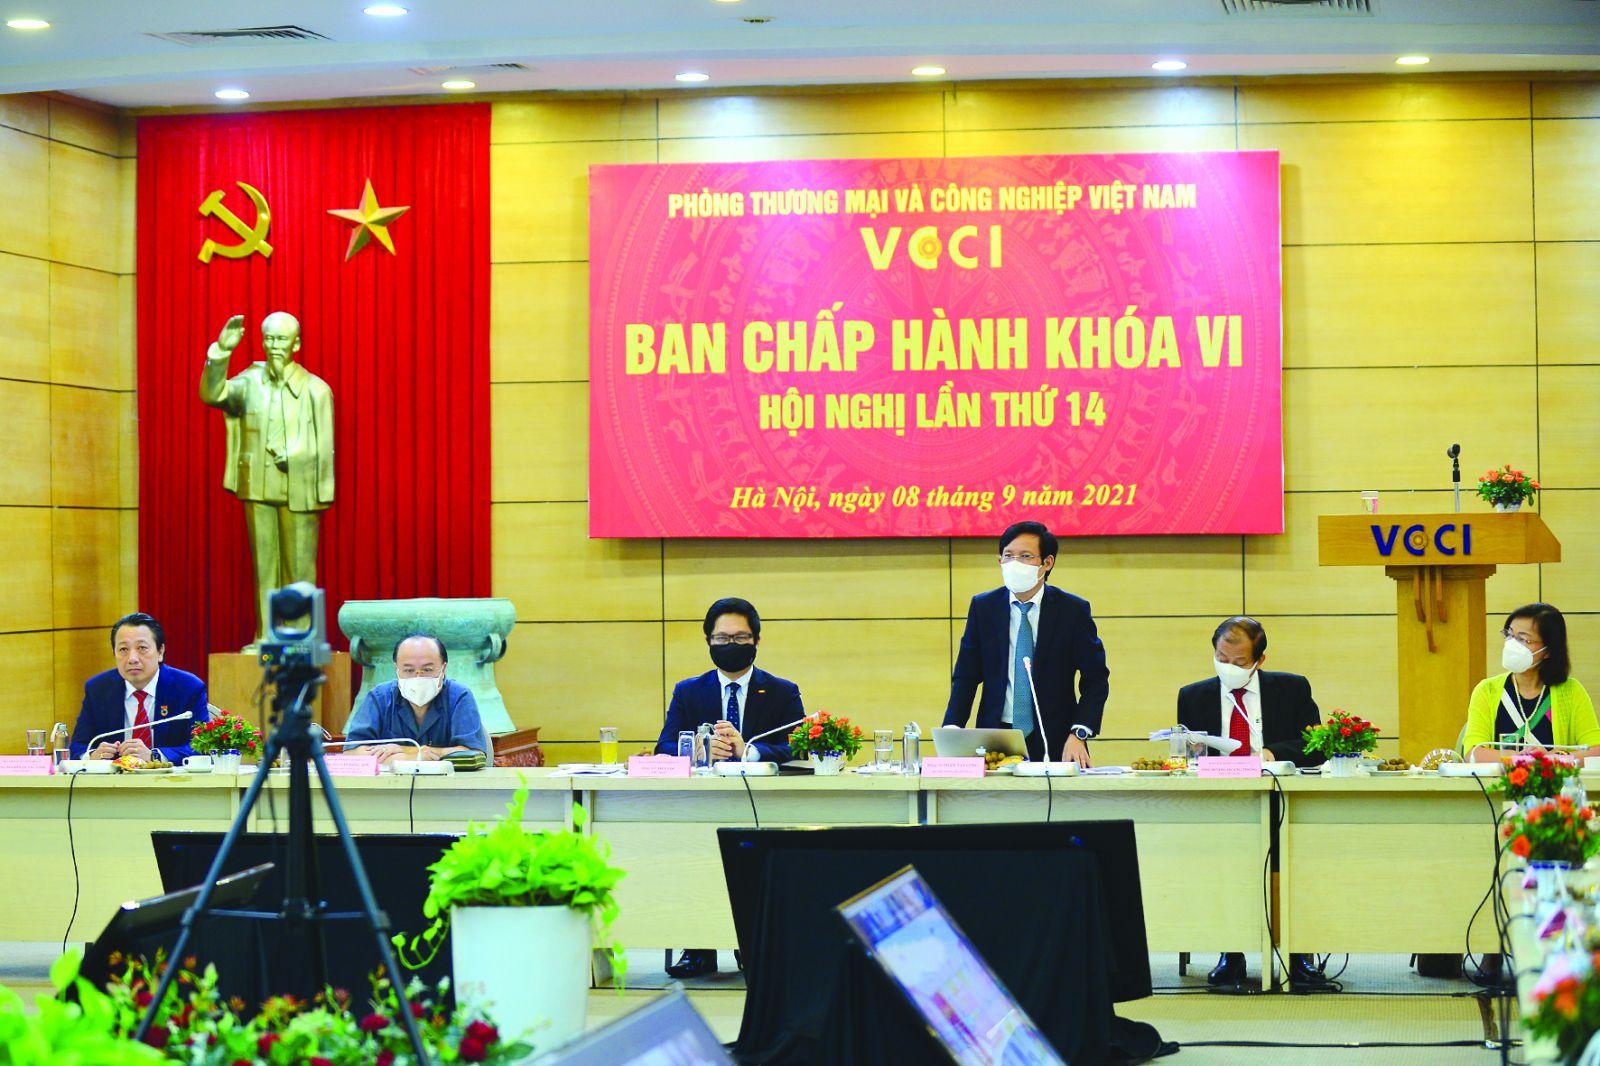 """Chủ tịch VCCI Phạm Tấn Công: """"Hỗ trợ, đồng hành cùng cộng đồng doanh nghiệp vượt qua COVID-19 lúc này là nhiệm vụ cấp bách mà VCCI cần dốc toàn lực để thực hiện"""""""